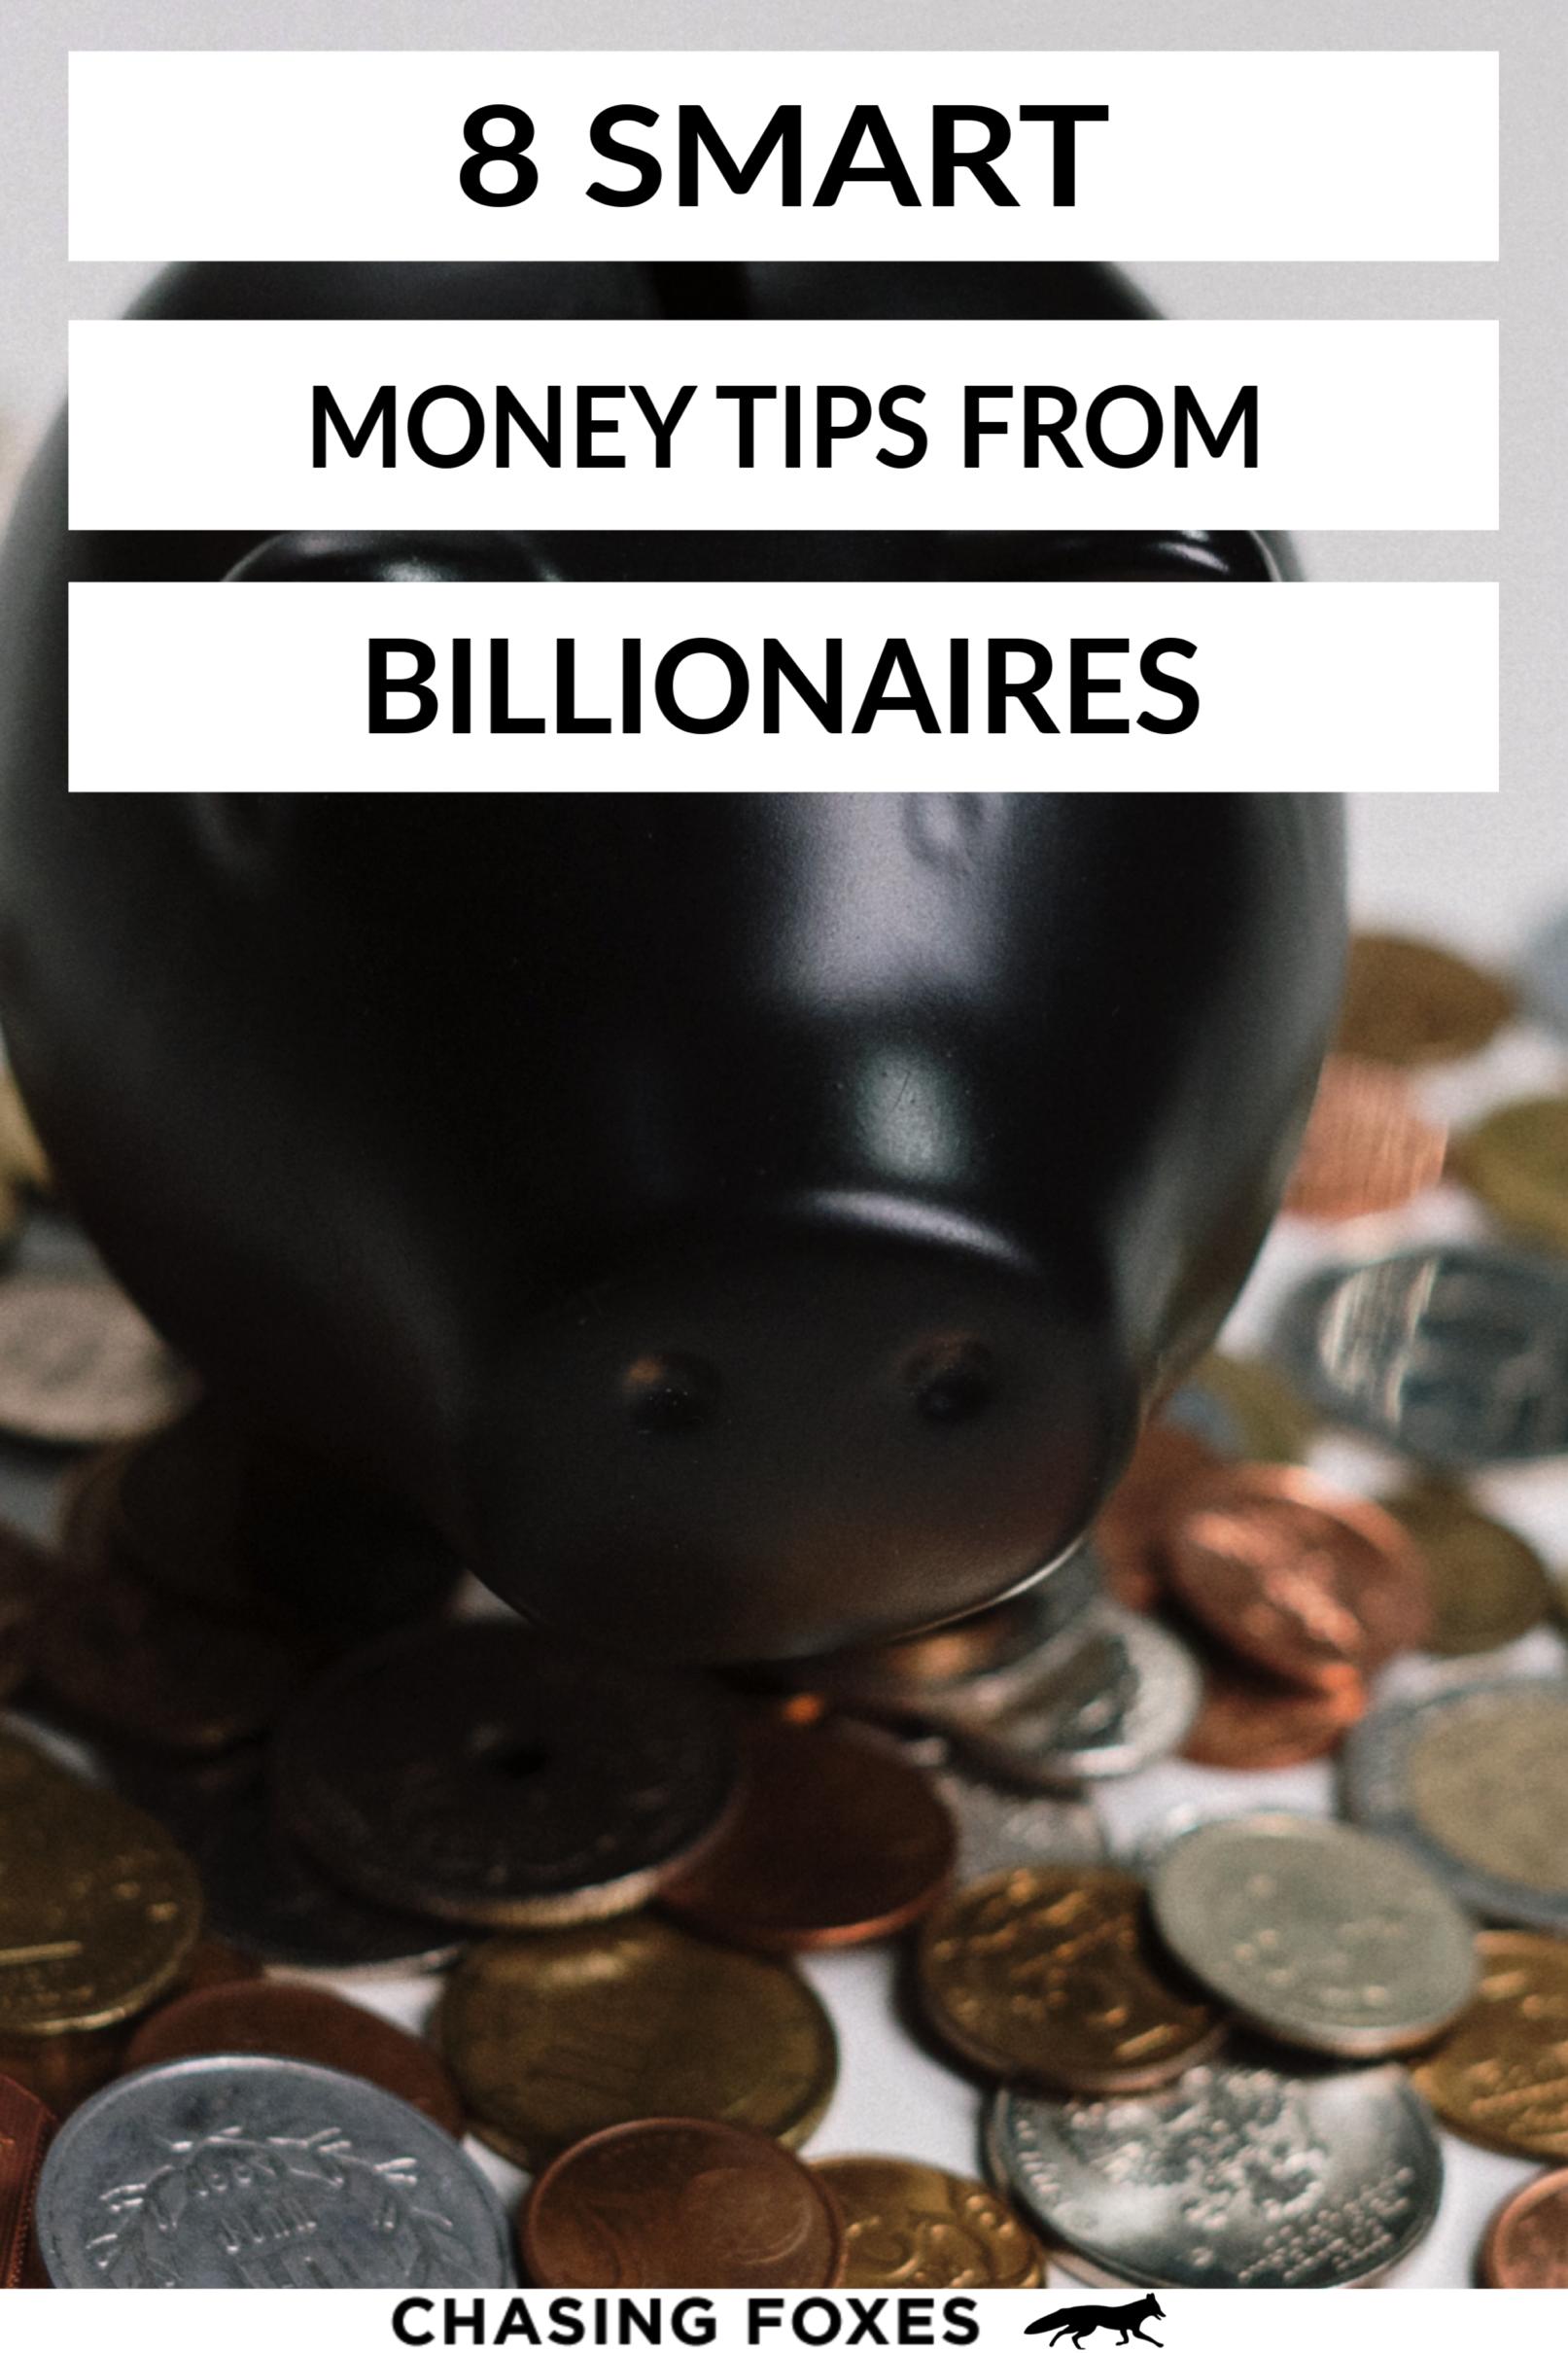 8 Smart Money Tips From Billionaires In